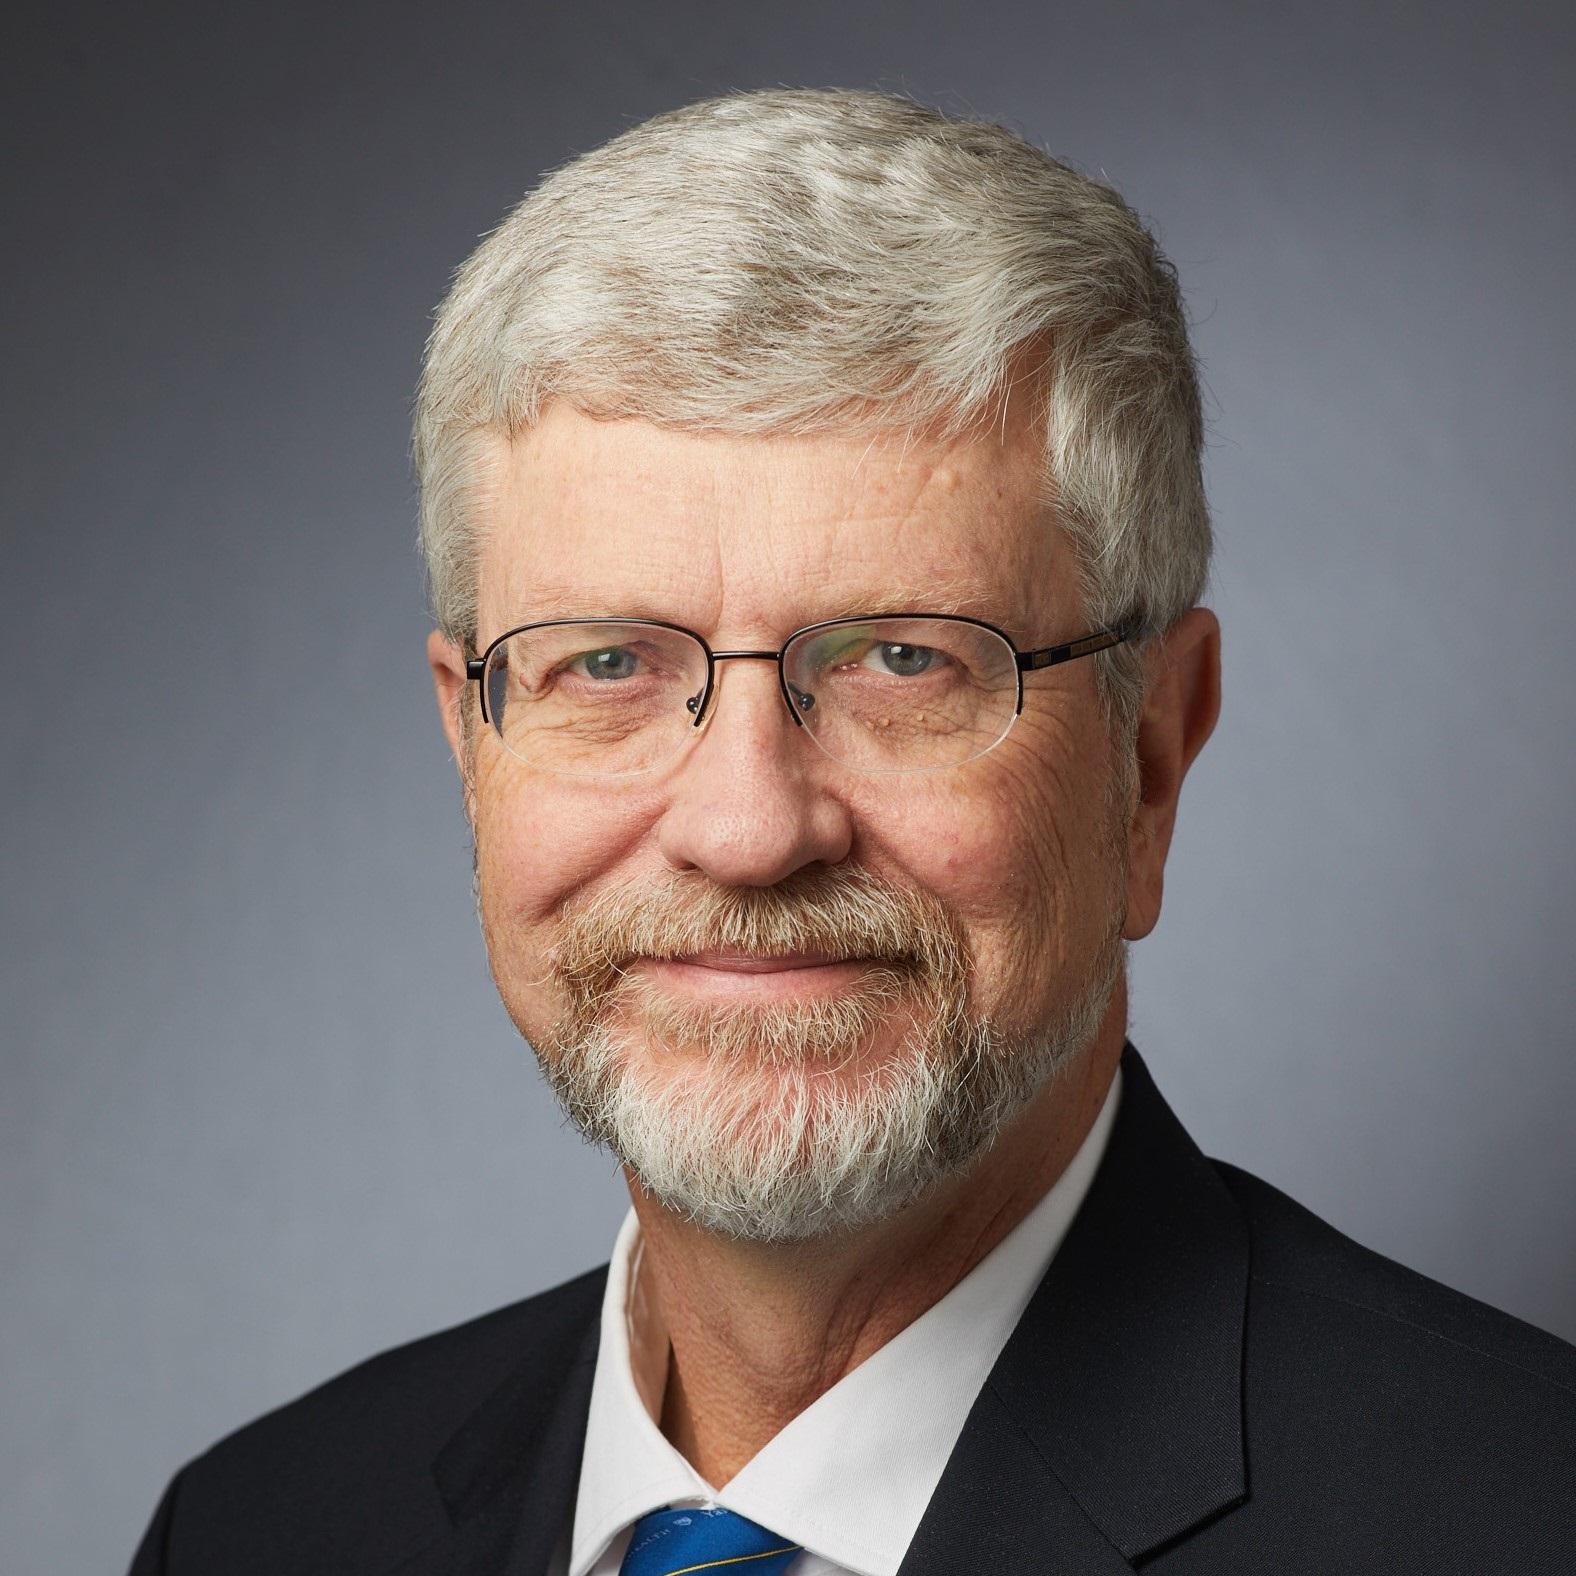 Sten Vermund